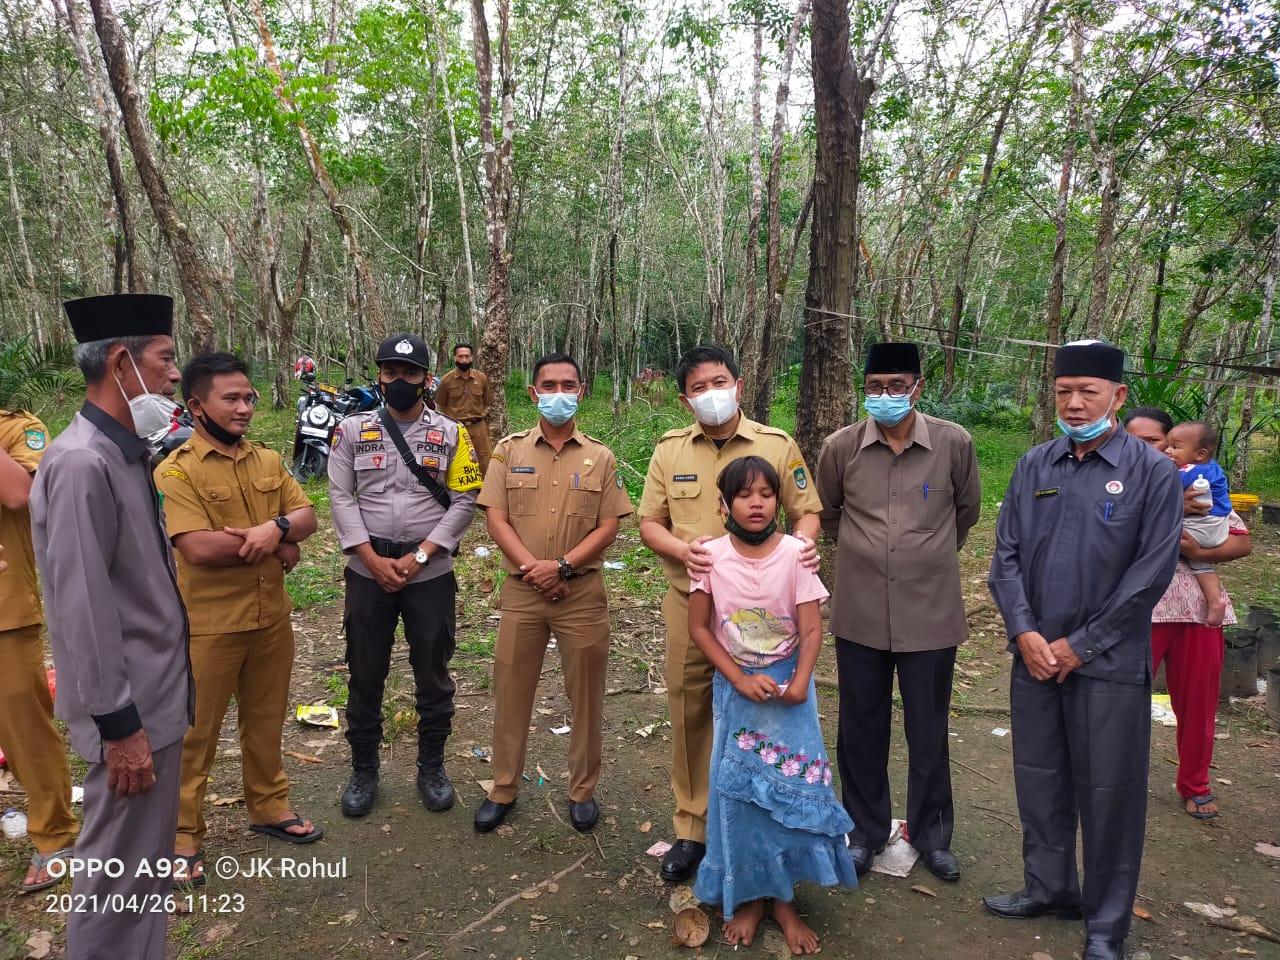 Ucok Suriadi Warga Tidak Mampu Dapat Bantuan Rumah Layak Huni dari Pemda dan Baznas Rohul